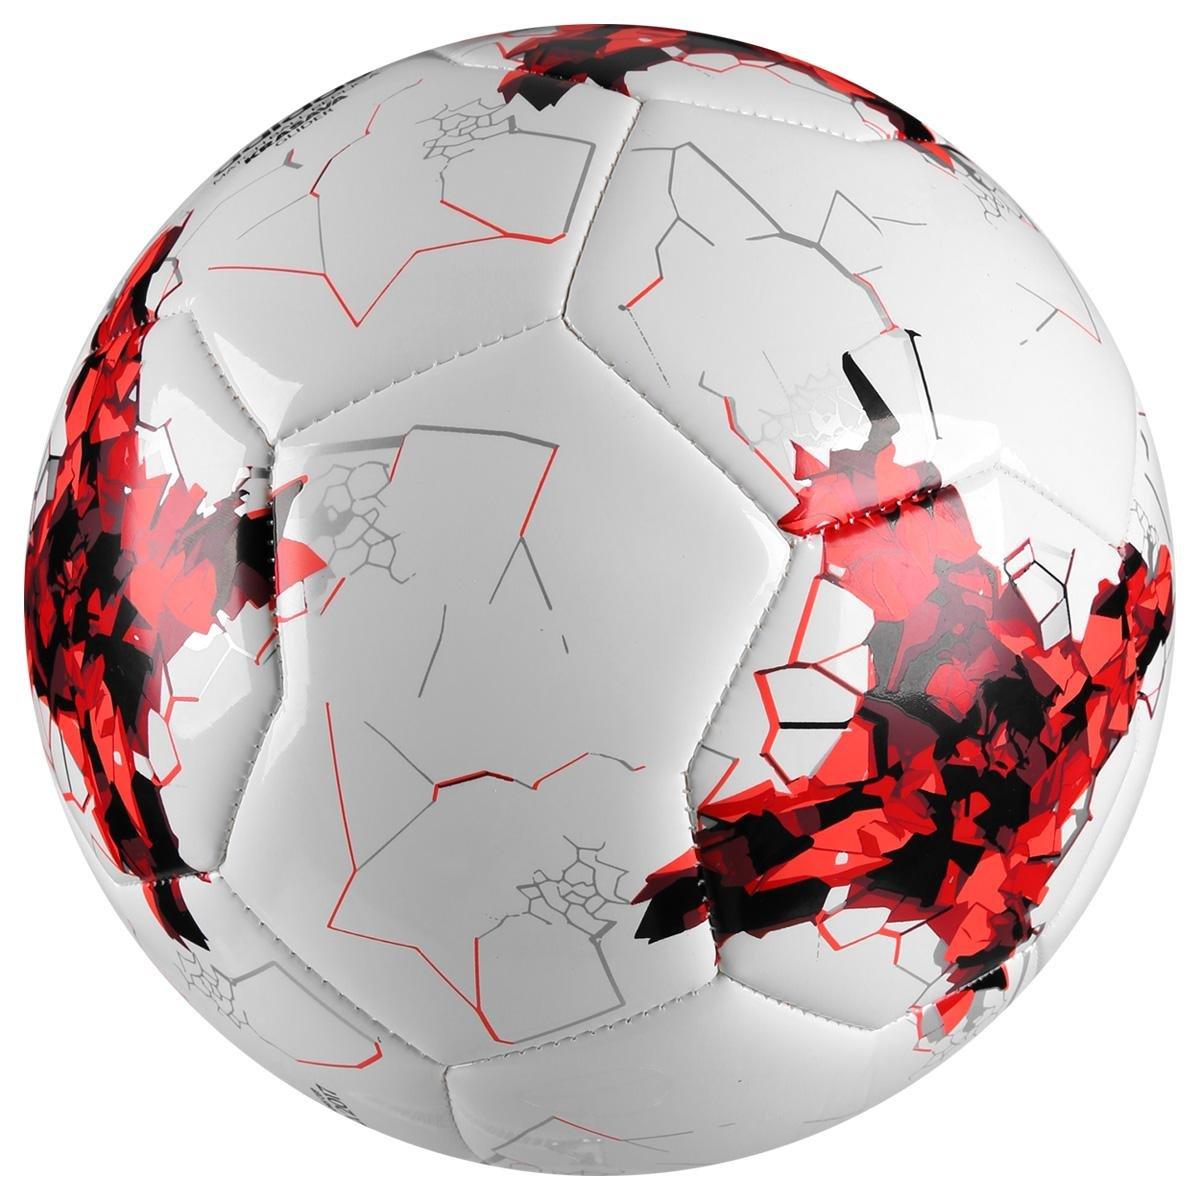 Bola Futebol Campo Adidas Krasava Copa das Confederações 2017 Glider ... 24acdded4821d